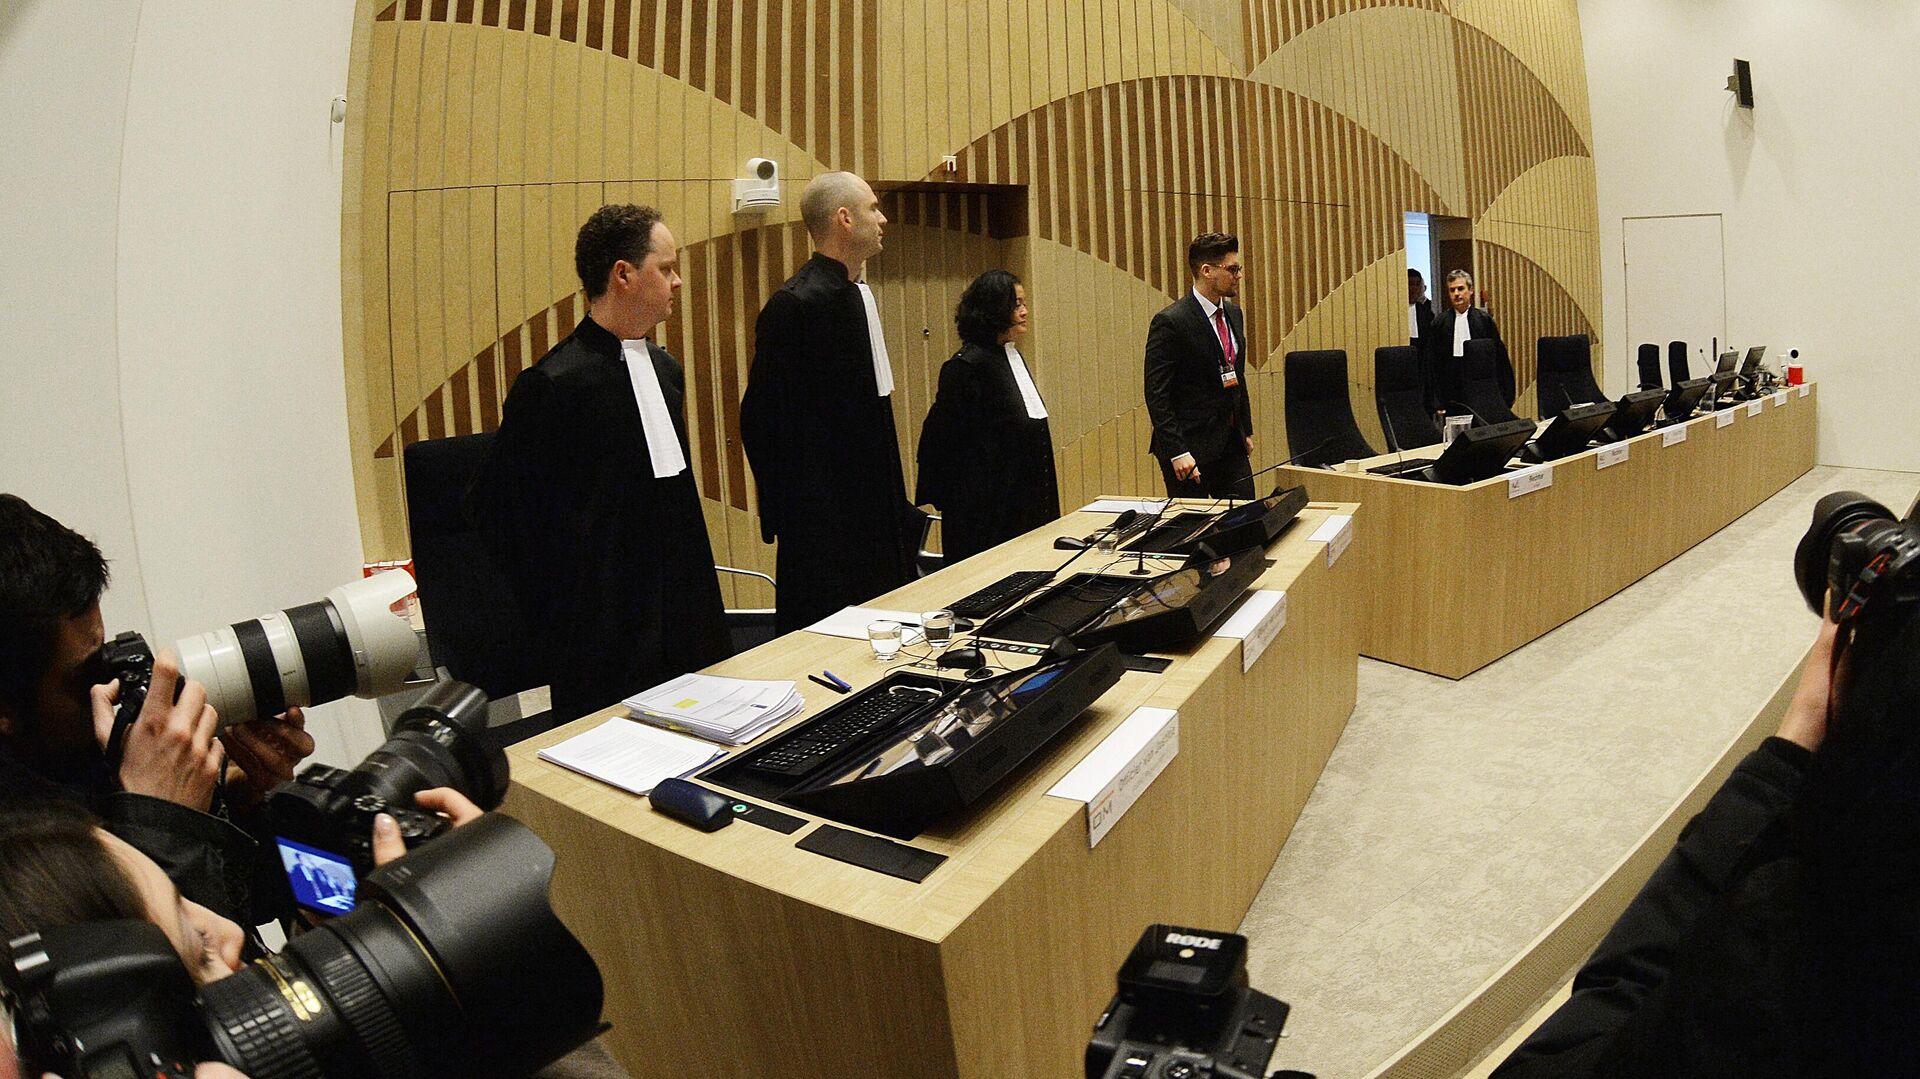 Начало заседания суда в нидерландском Бадхоеведорпе по делу о крушении самолета Boeing 777 рейса MH17 - РИА Новости, 1920, 05.11.2020